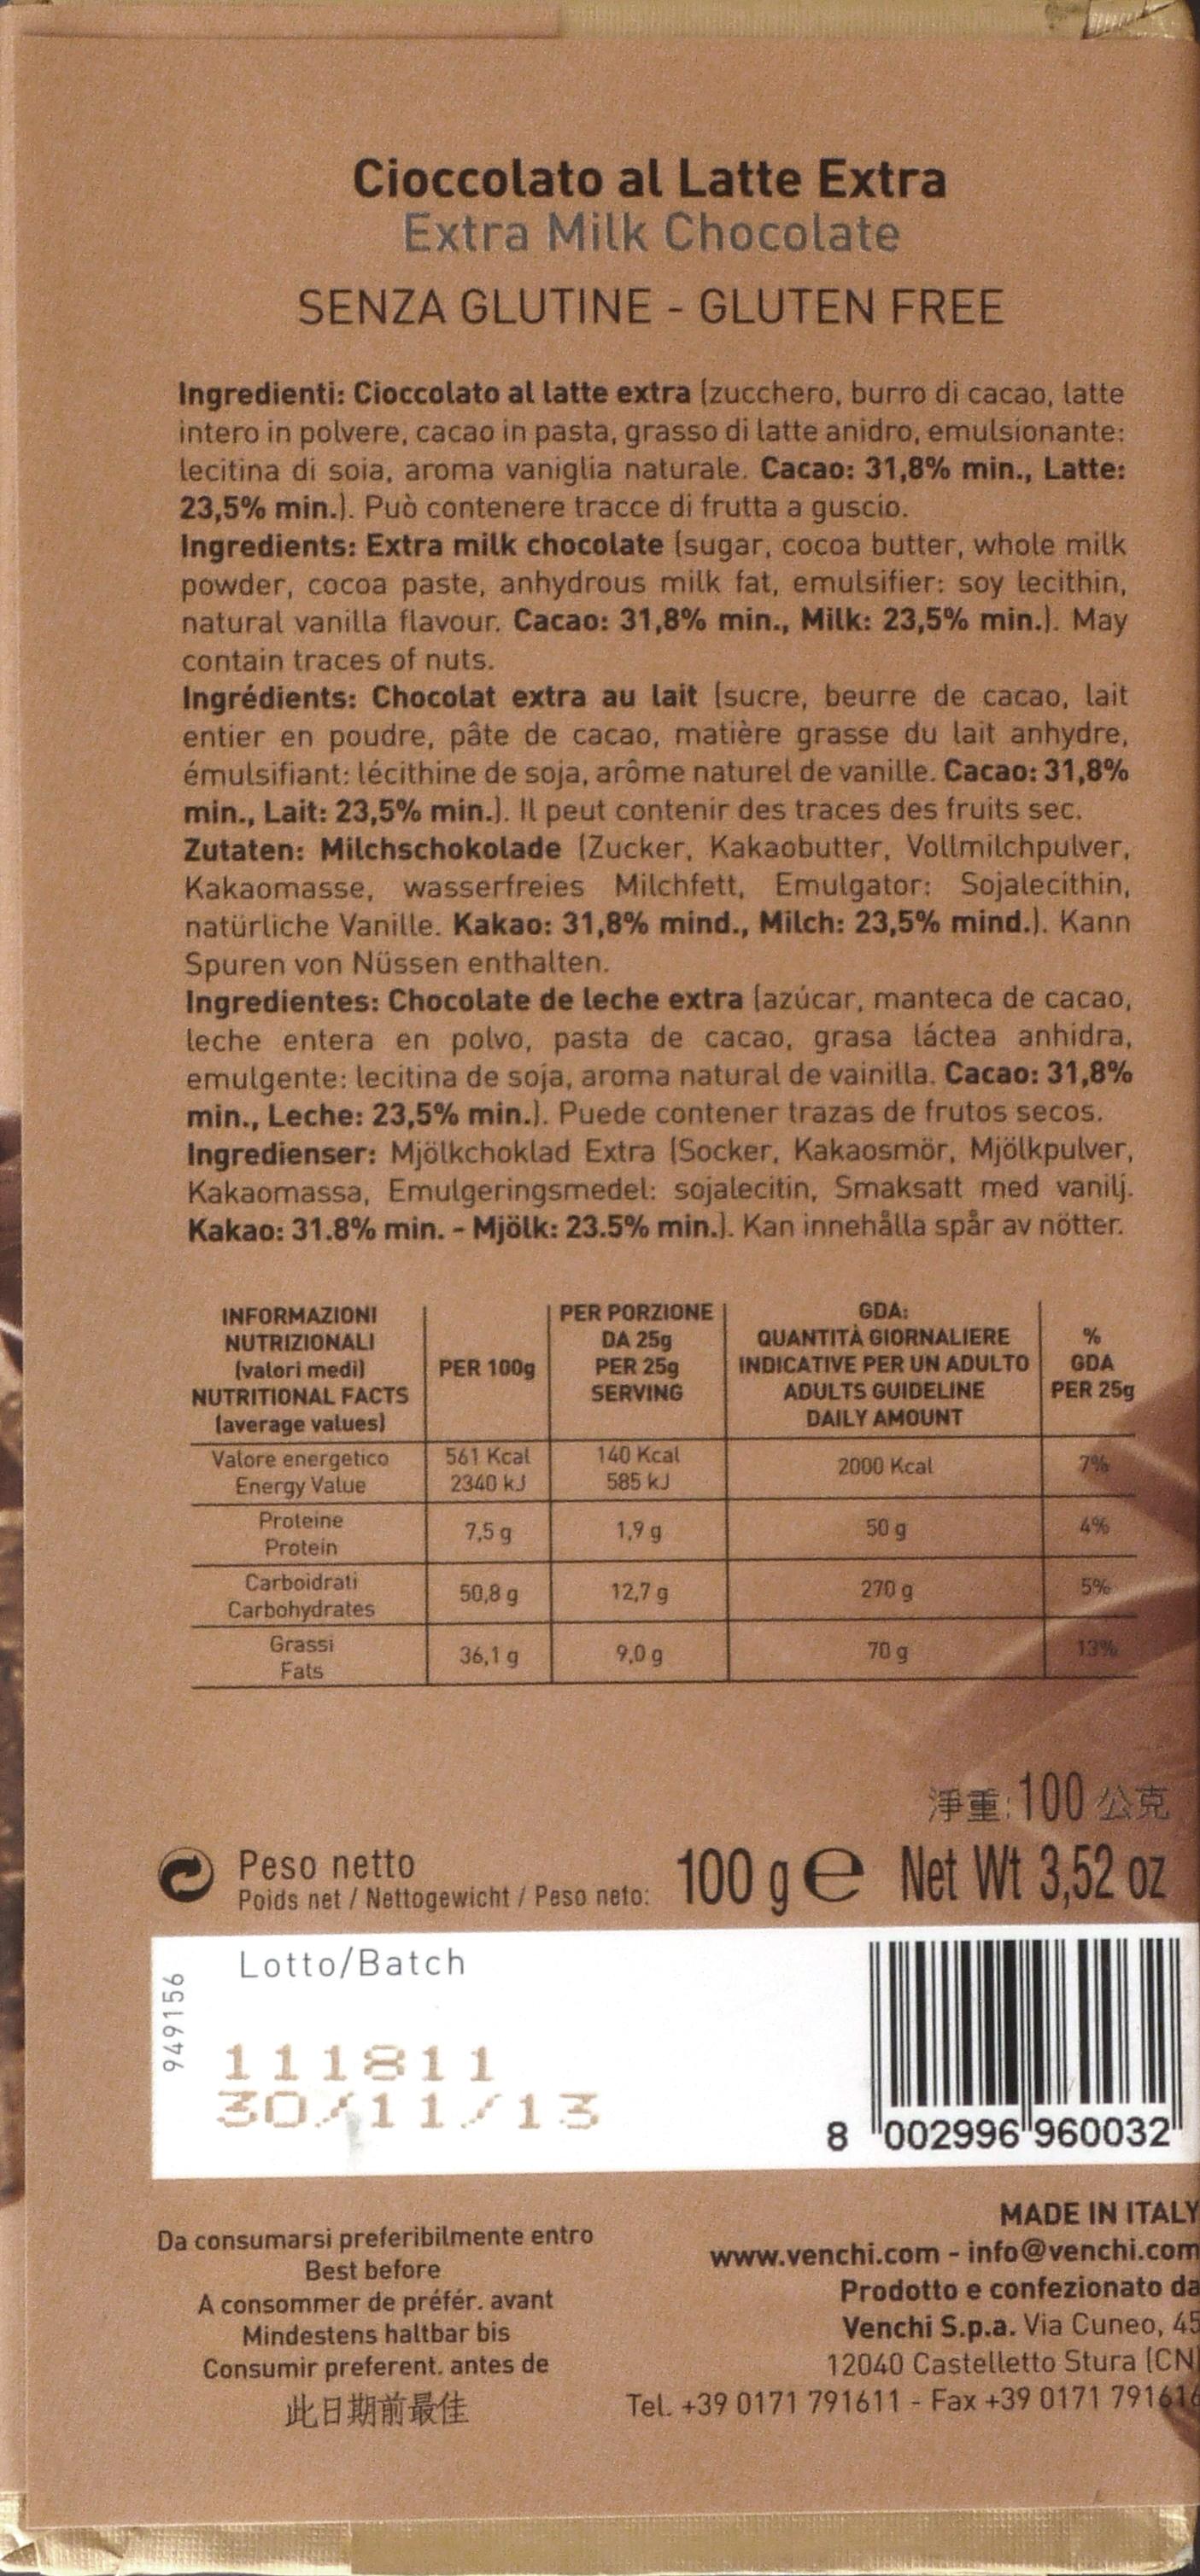 Venchi Cioccolato al Latte Extra Milchschokolade, Rückseite